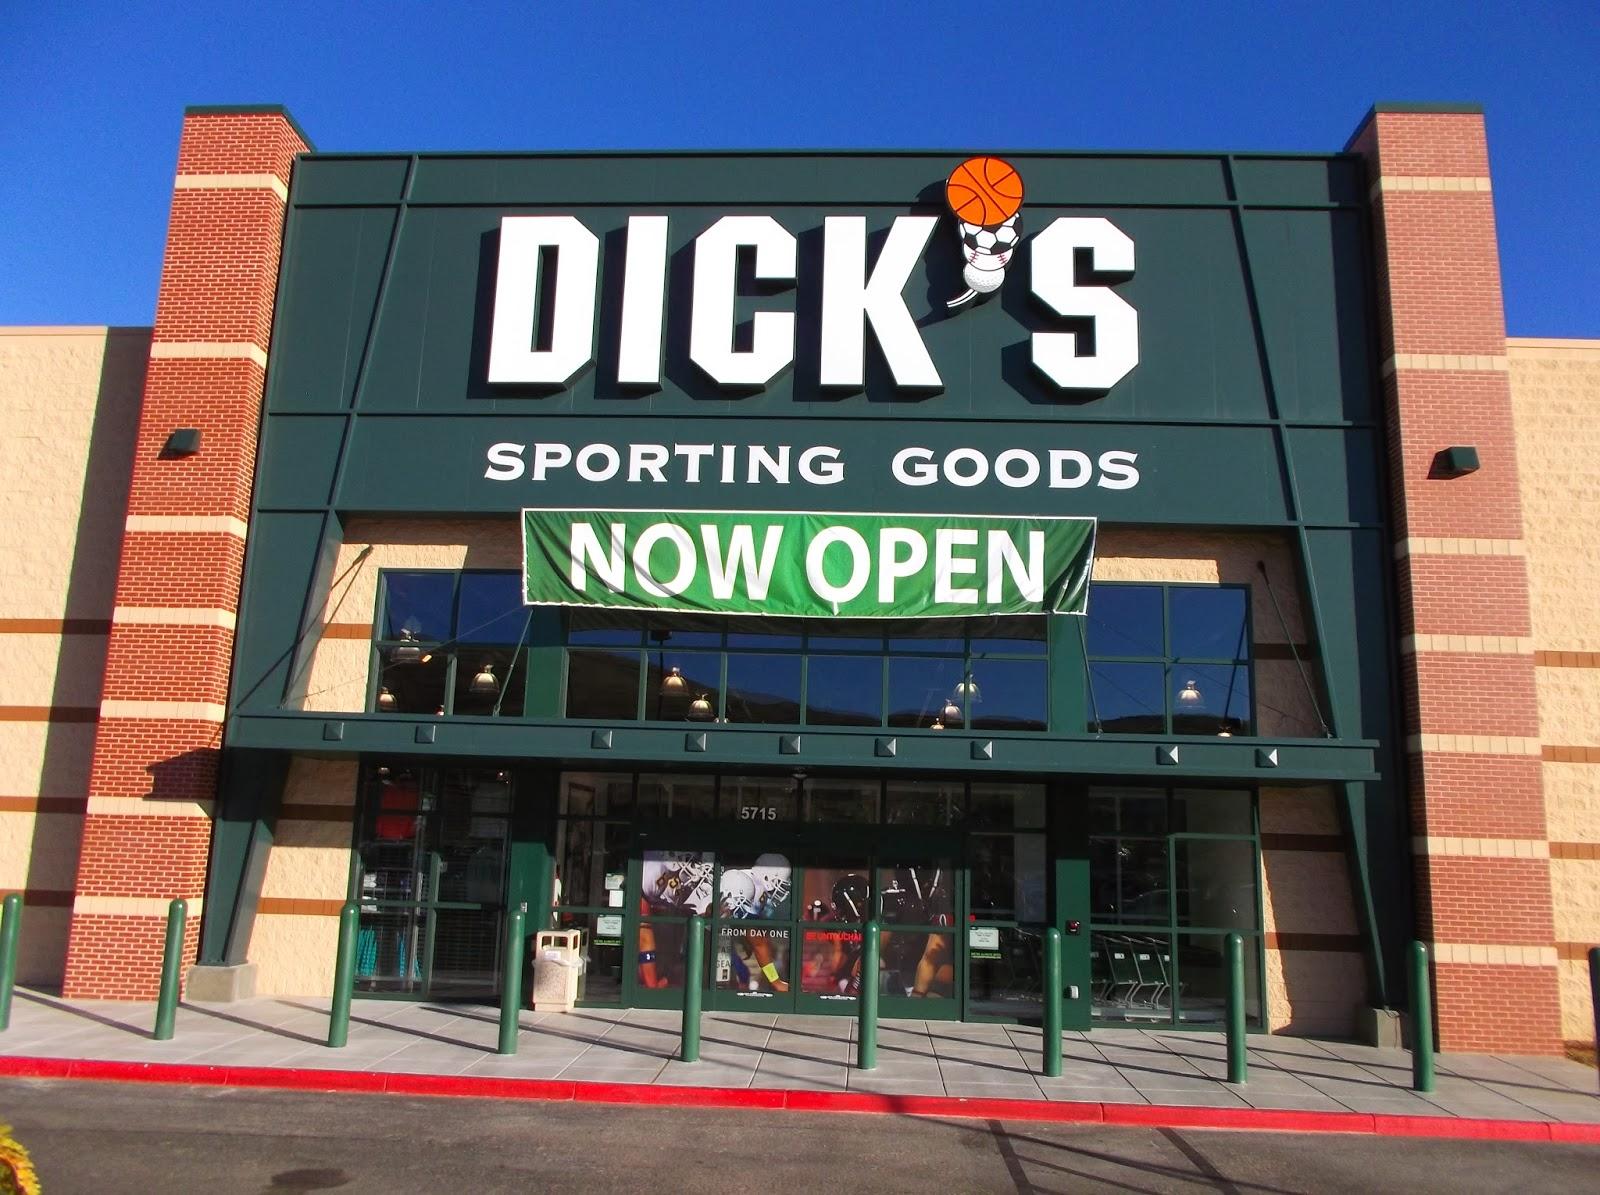 ldicks sporting goods sport hayden s business blog dick s sporting goods in prescott valley is